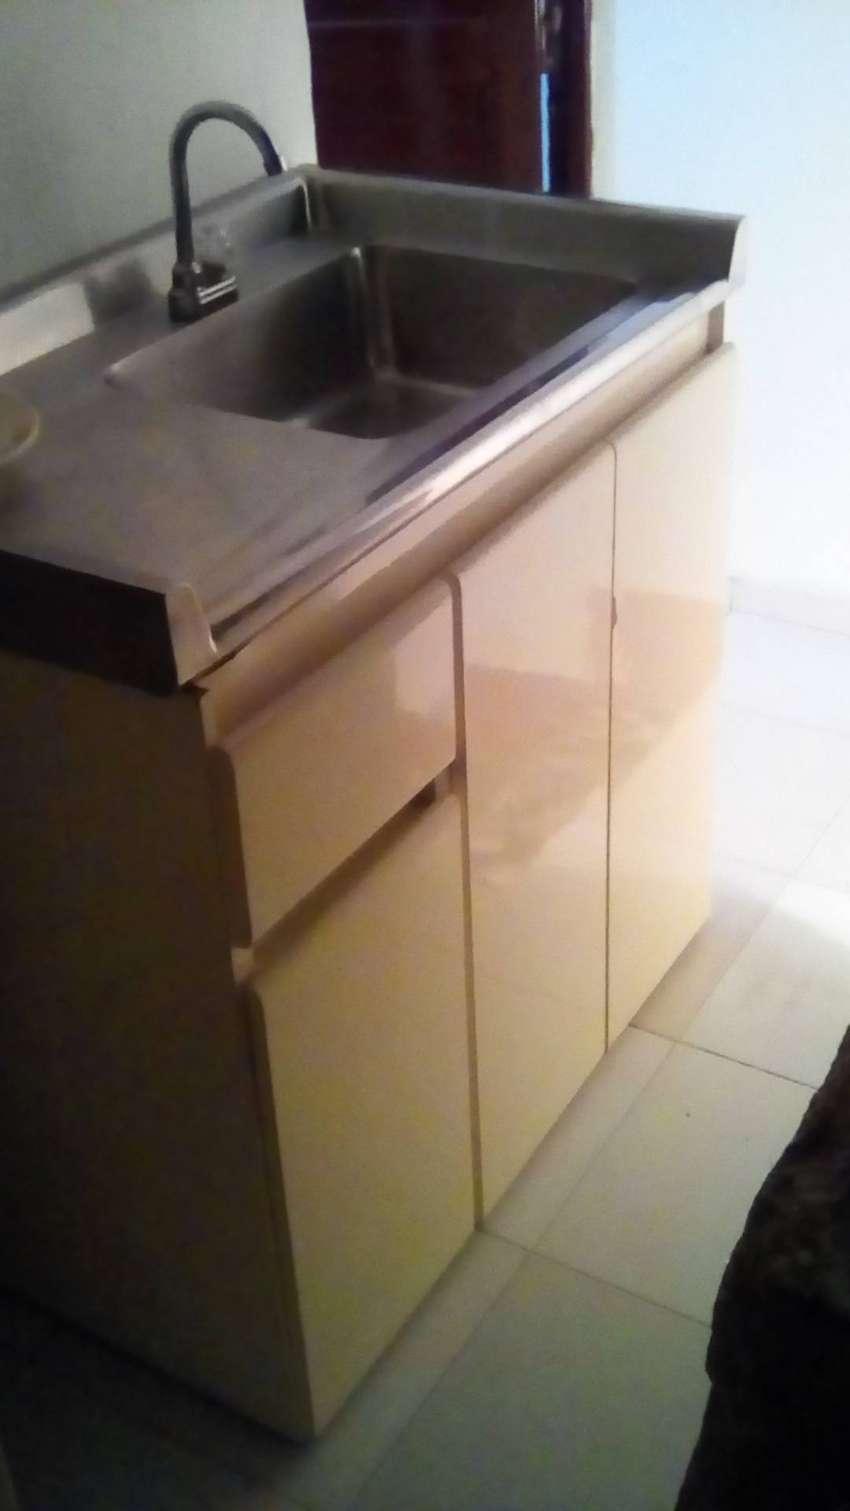 vendo mueble de cocina - Cocina - 1100054825